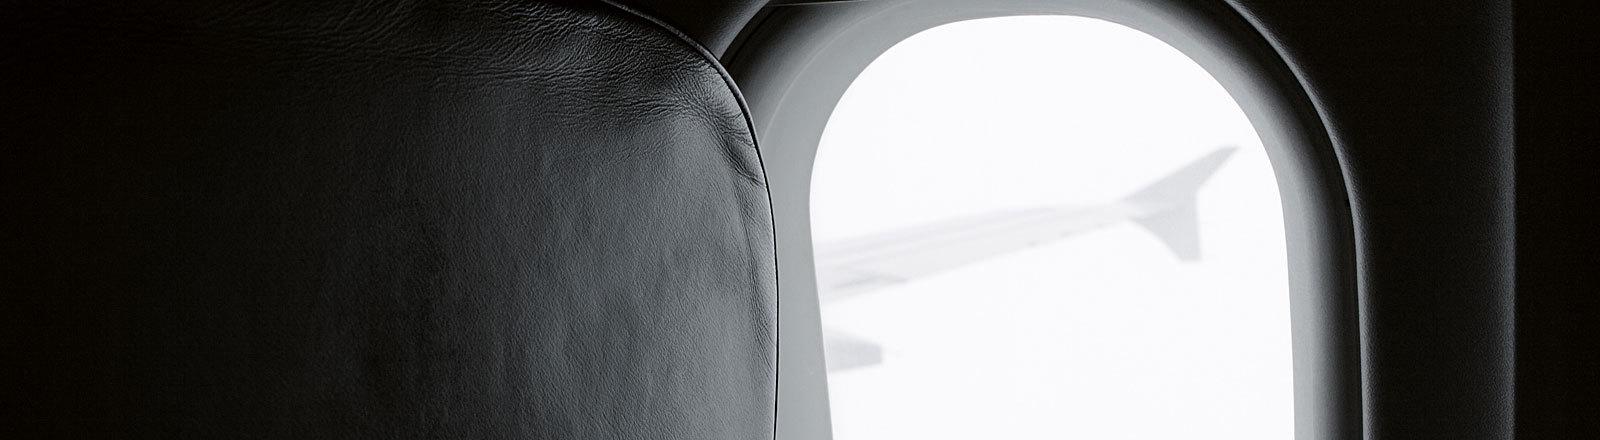 Blick aus dem Flugzeug, schwarz-weiß, düster